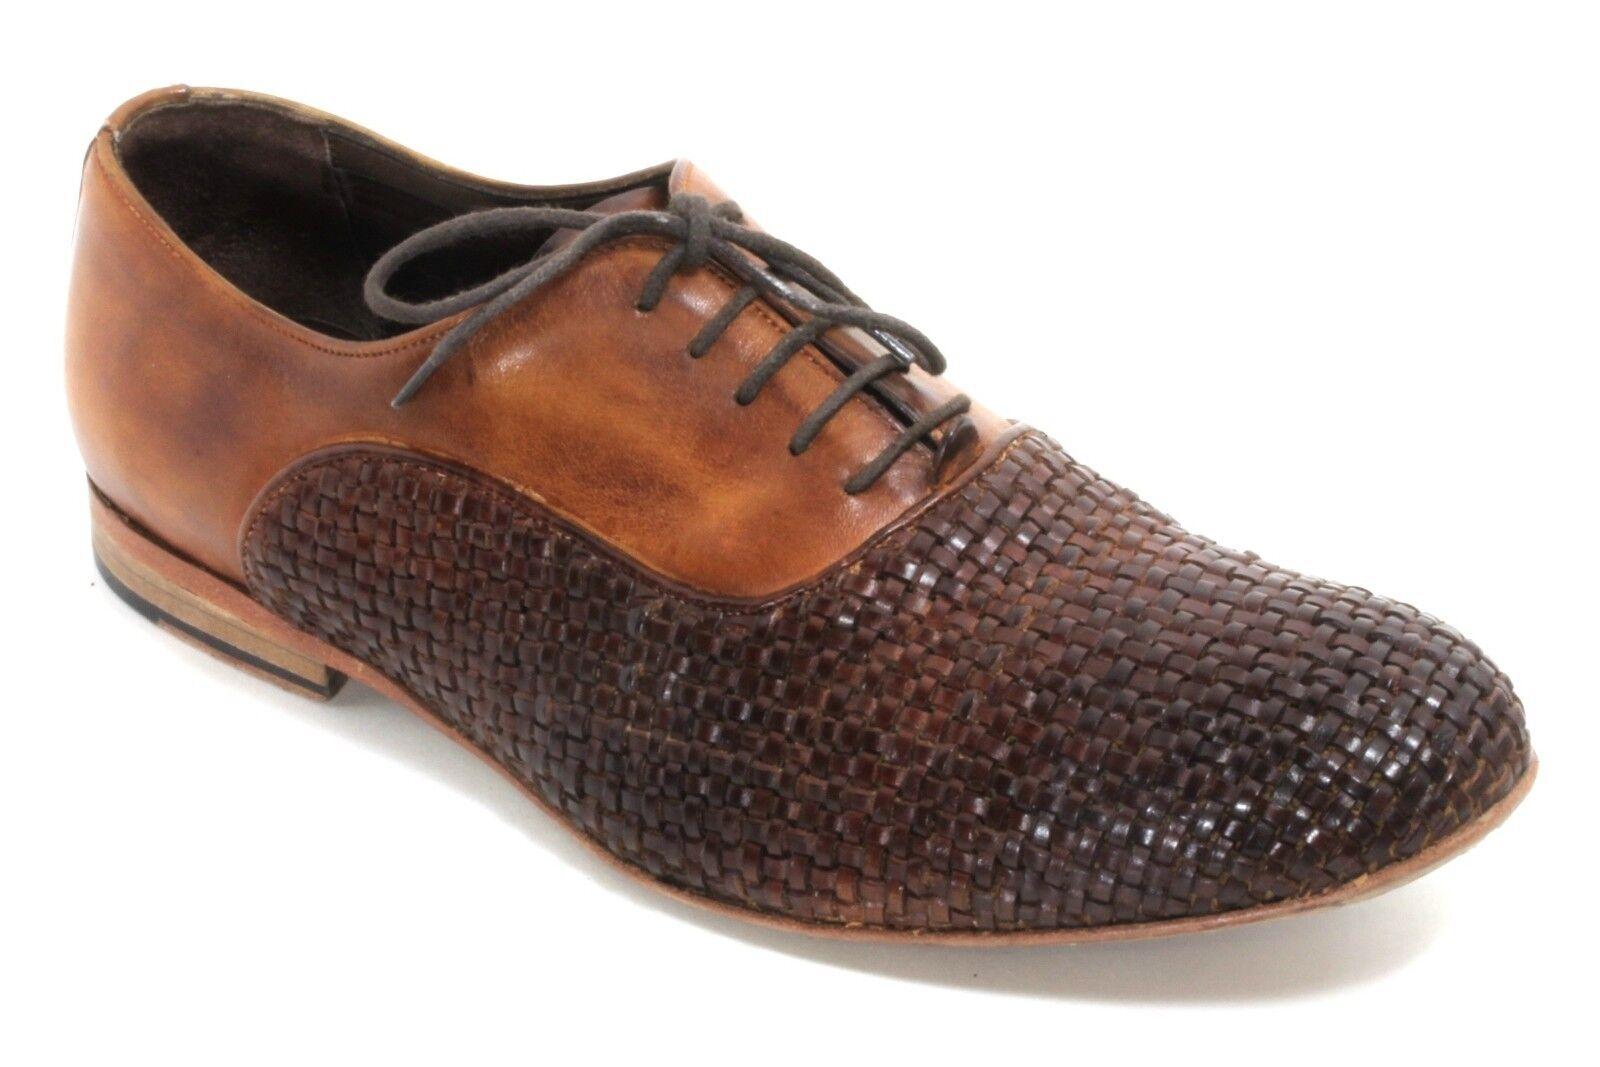 Zapatos caballero zapatos zapato bajo patrones cesta schnürzapatos utes Business 50s 60s 41